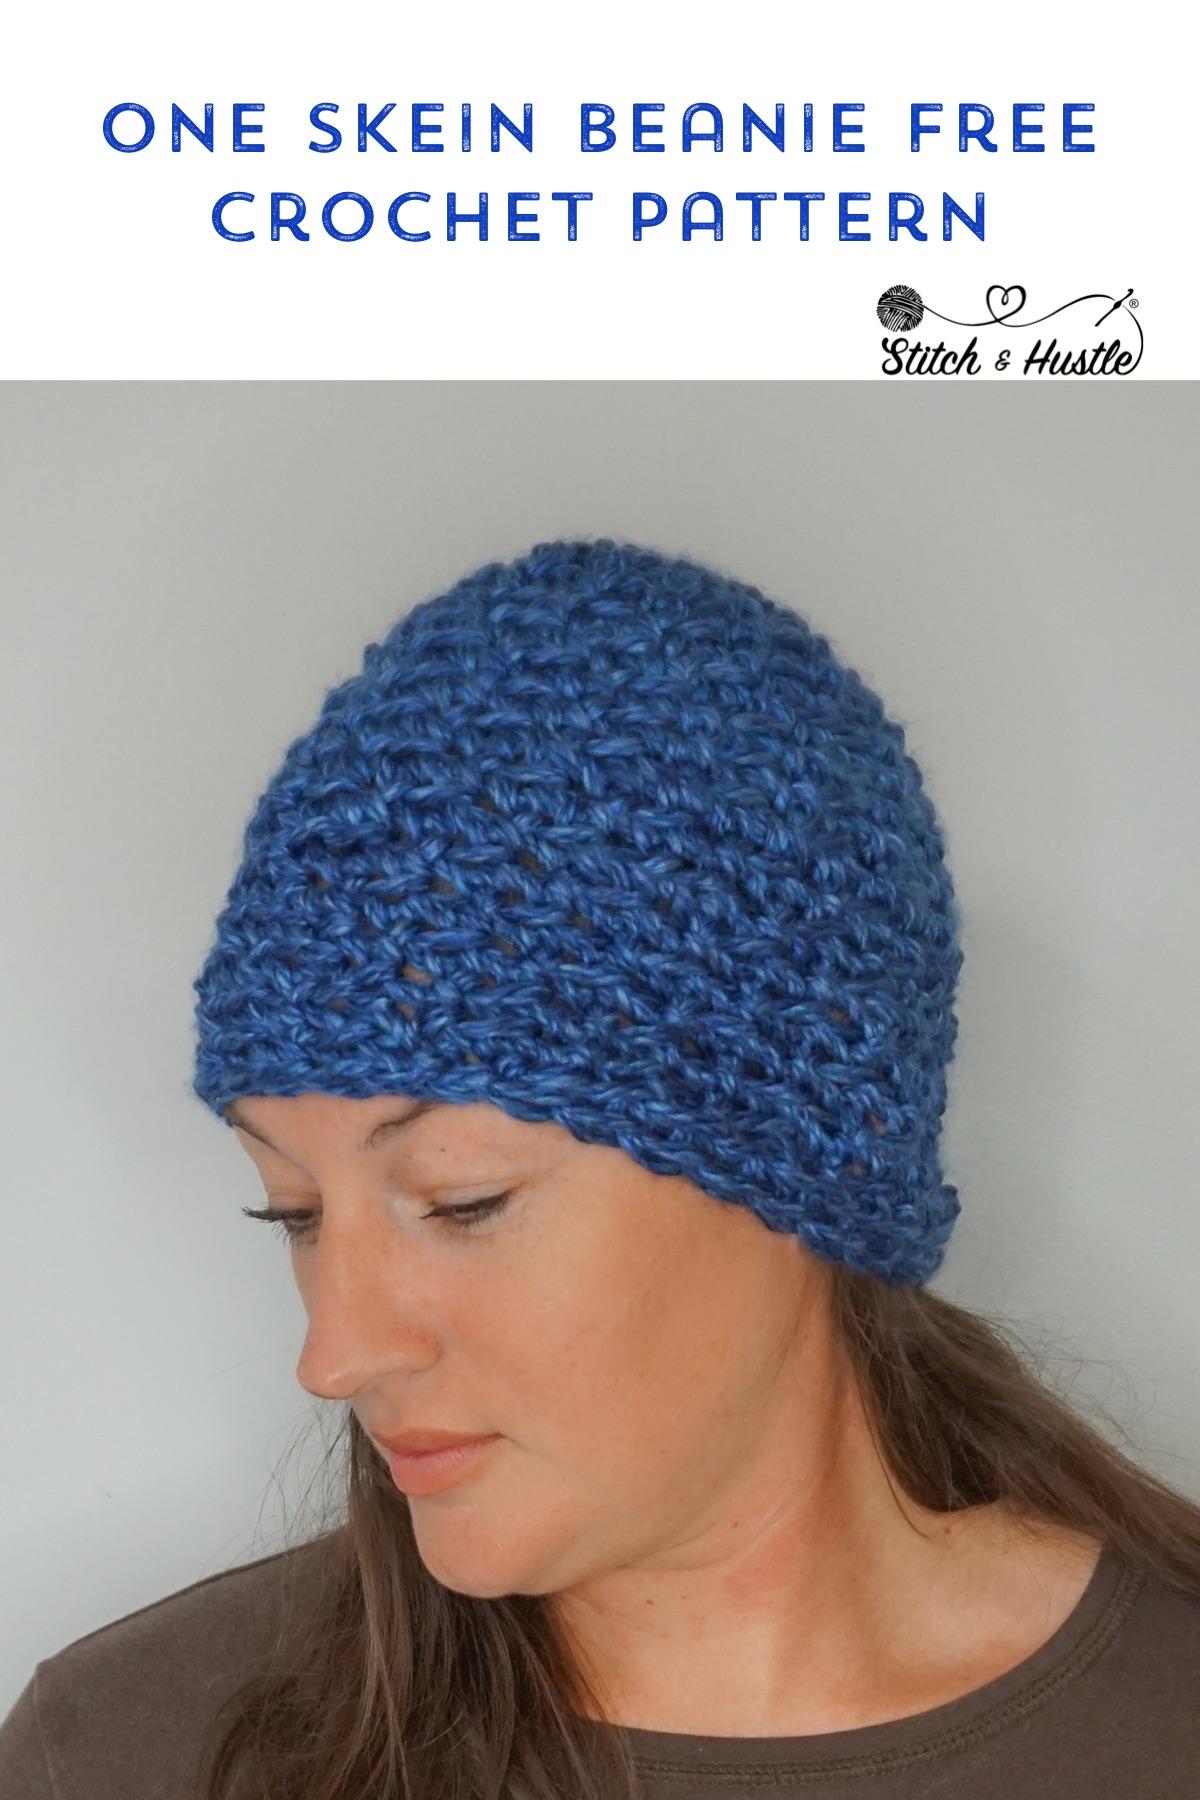 HatNotHate_Free_one-skein-crochet_beanie_Pattern_2.jpg